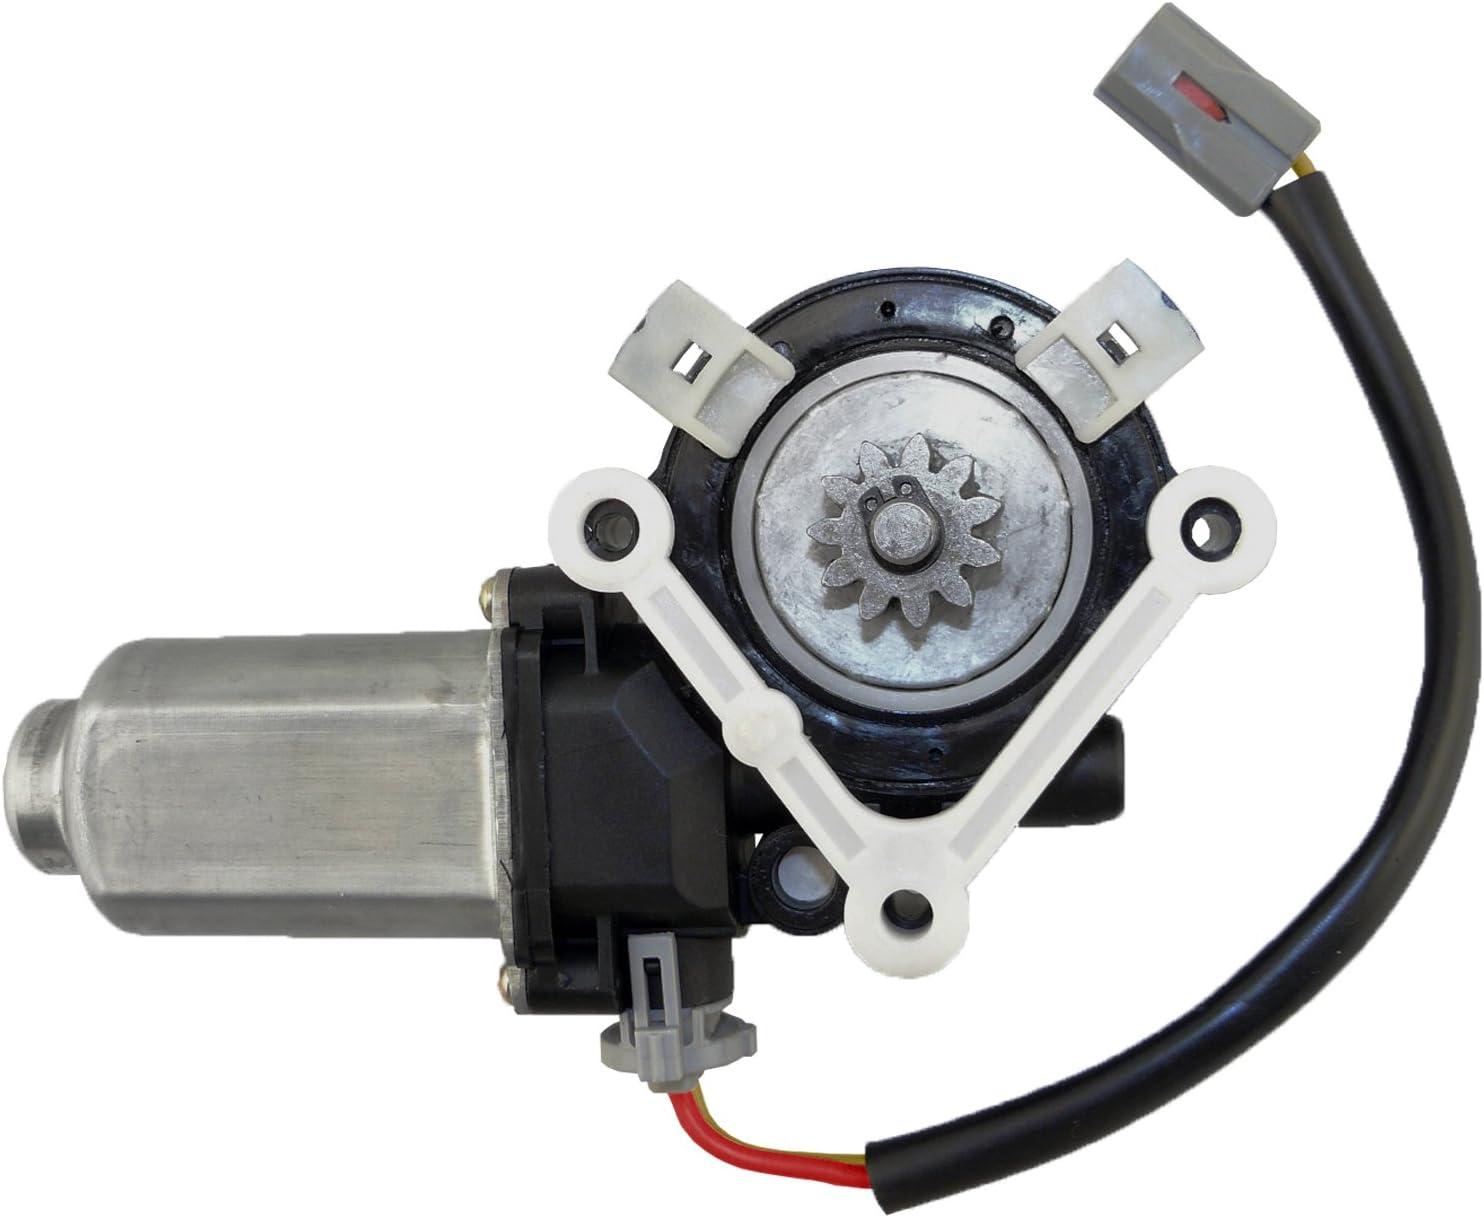 Magneti Marelli by Mopar 1AMWM83116 Power Window Motor